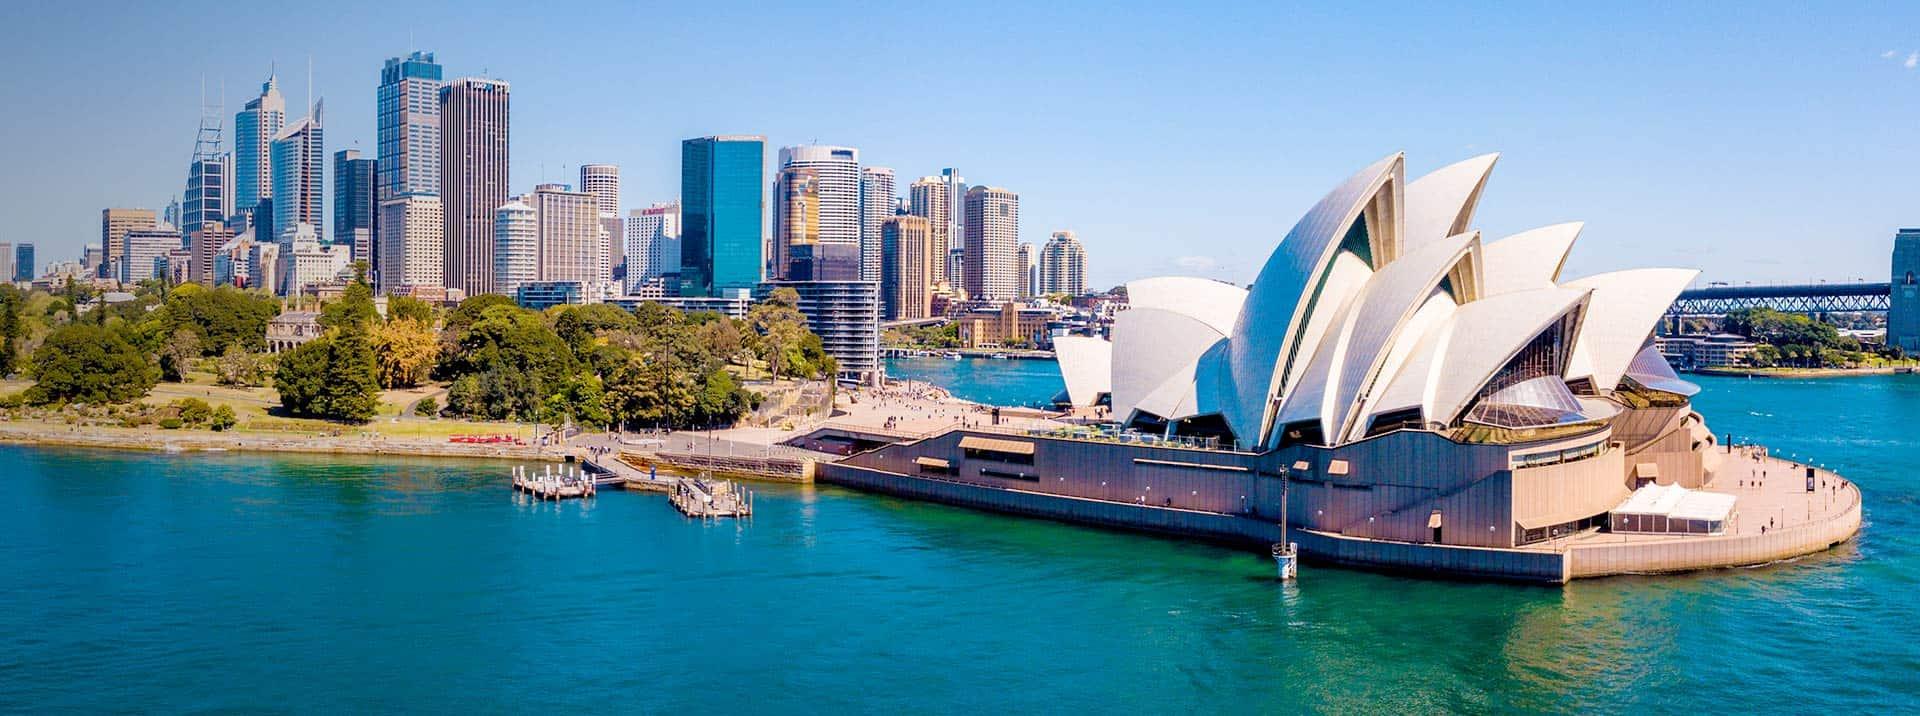 Featured-Image_Australia_1920x716